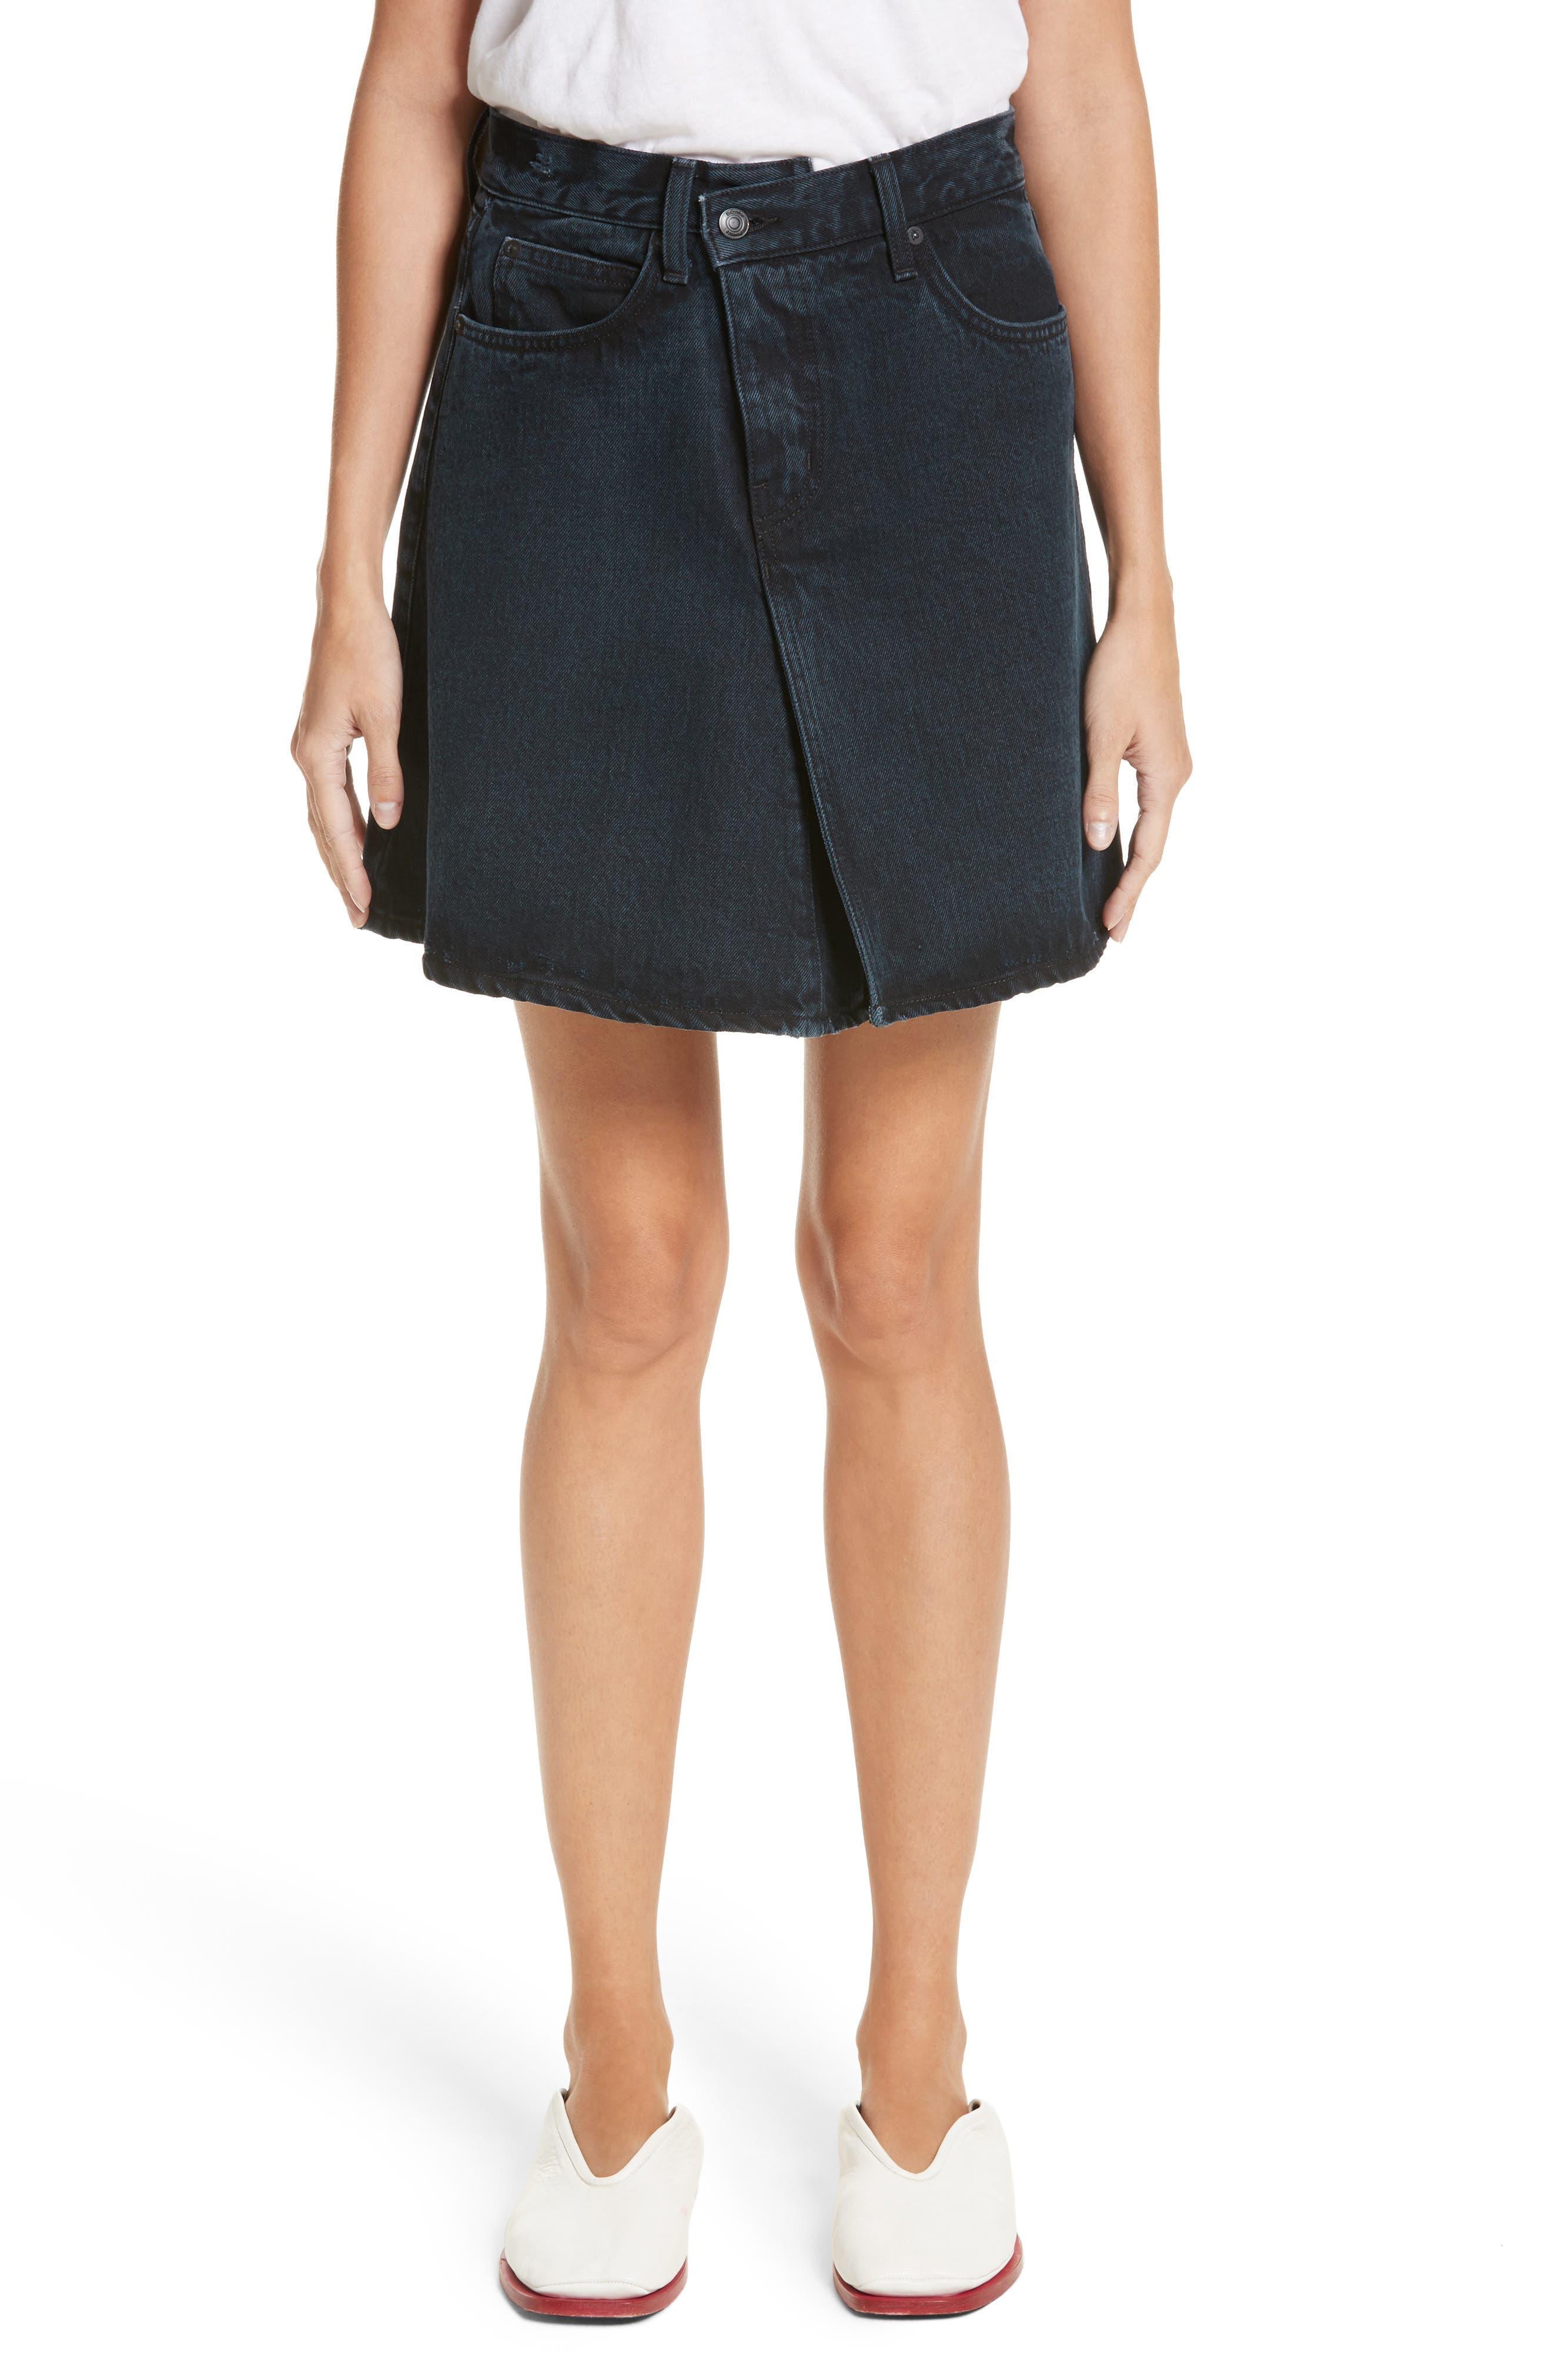 PSWL Folded Denim Skirt,                         Main,                         color,